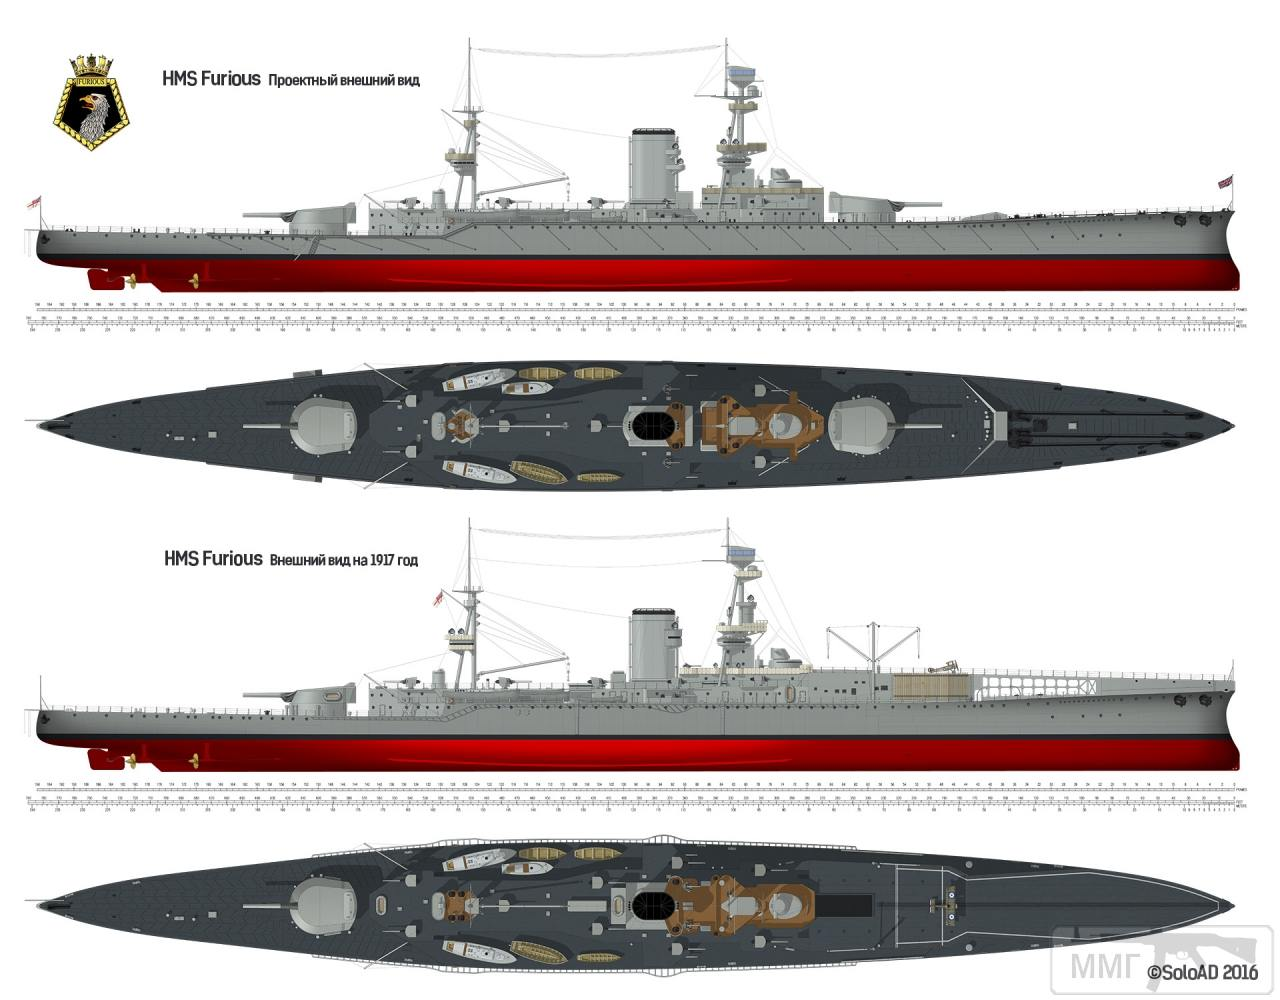 35304 - HMS Furious: первоначальный проект линейного крейсера и внешний вид в 1917 году.